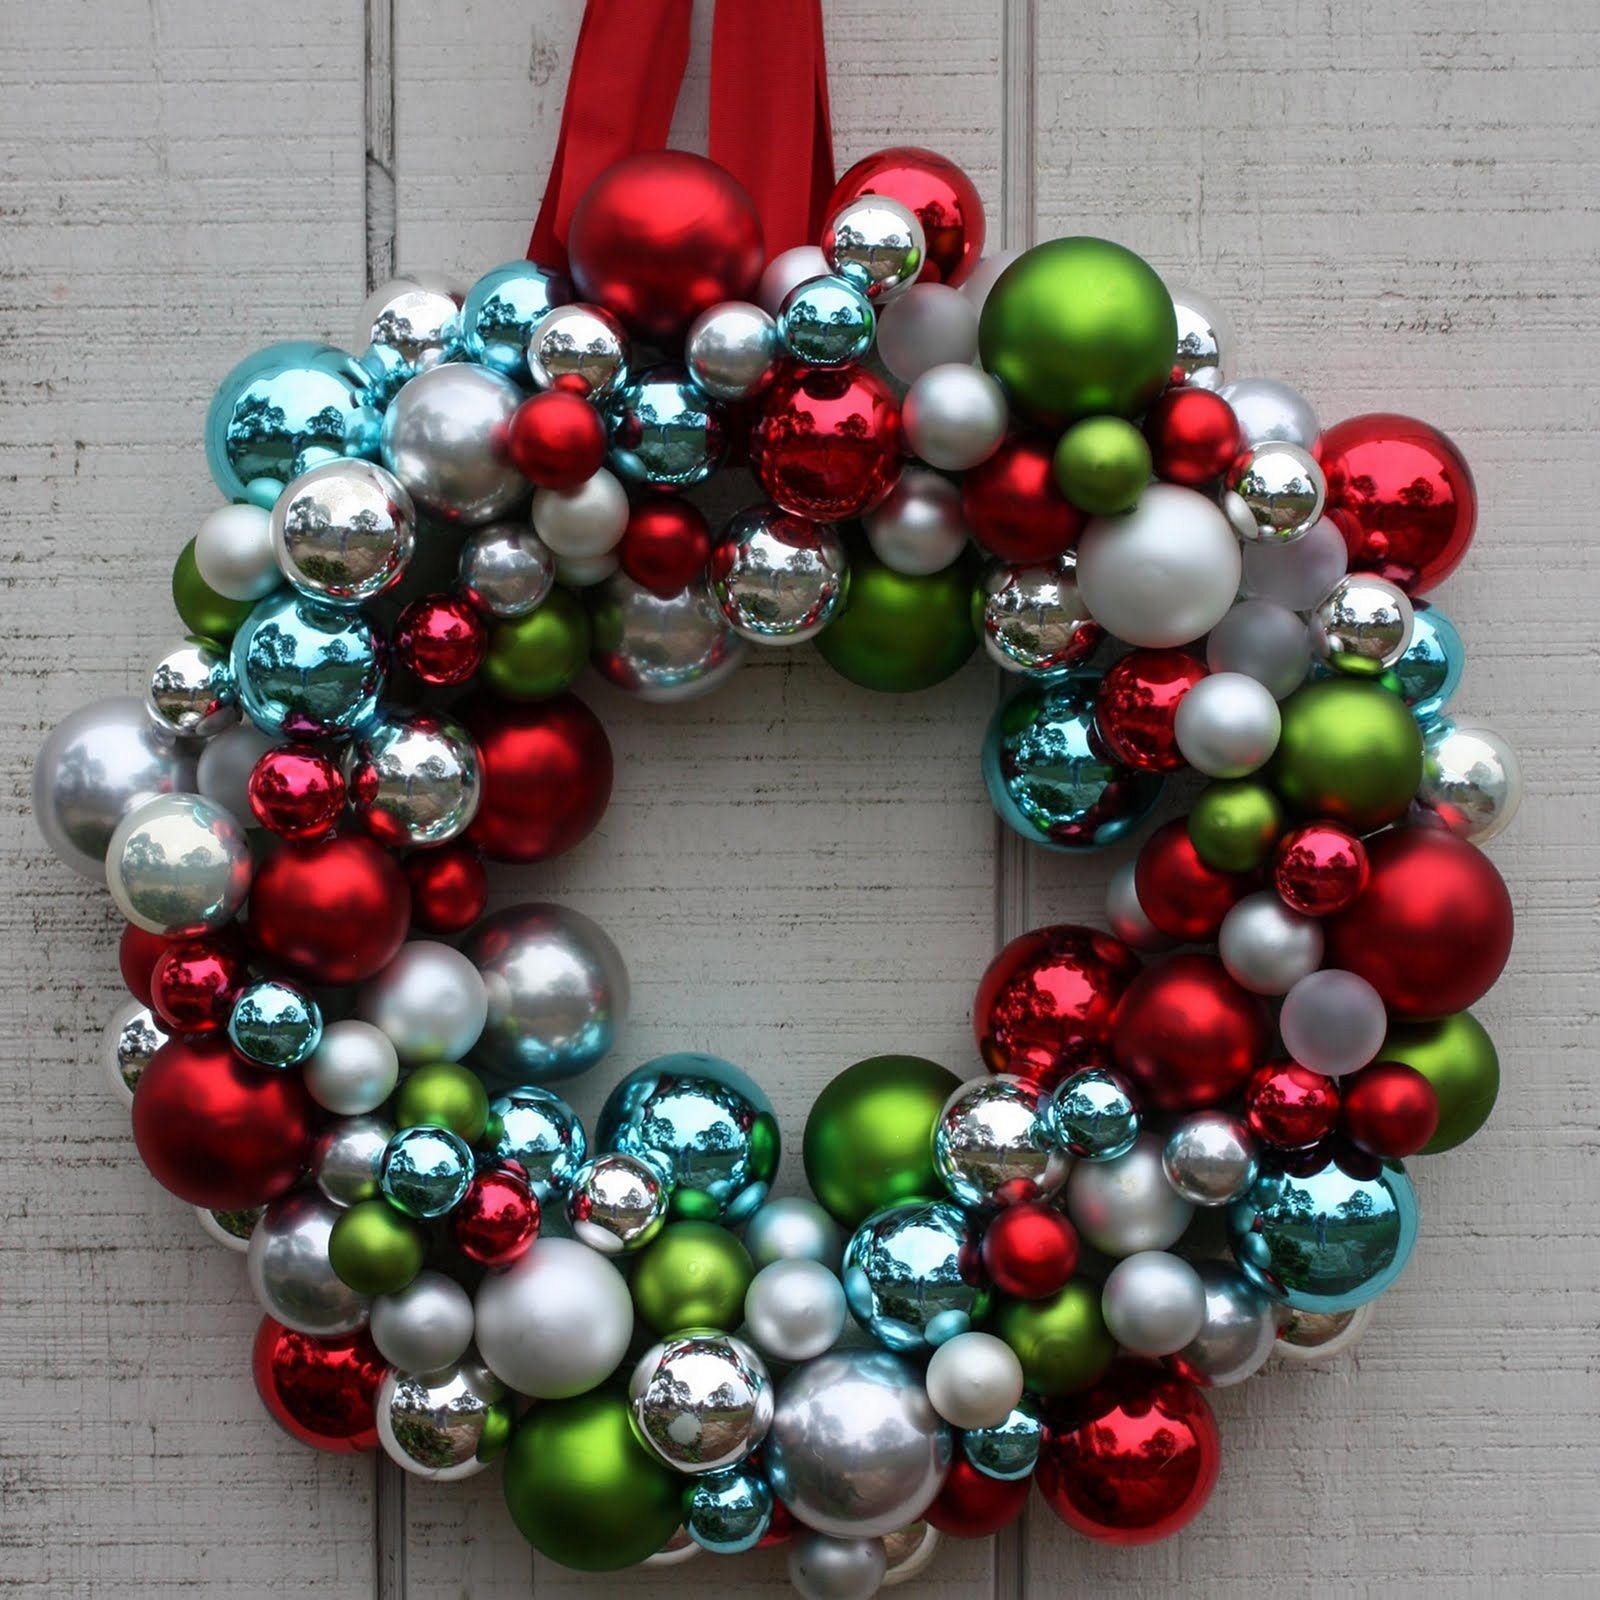 DIY Ornament Christmas Ideas 16